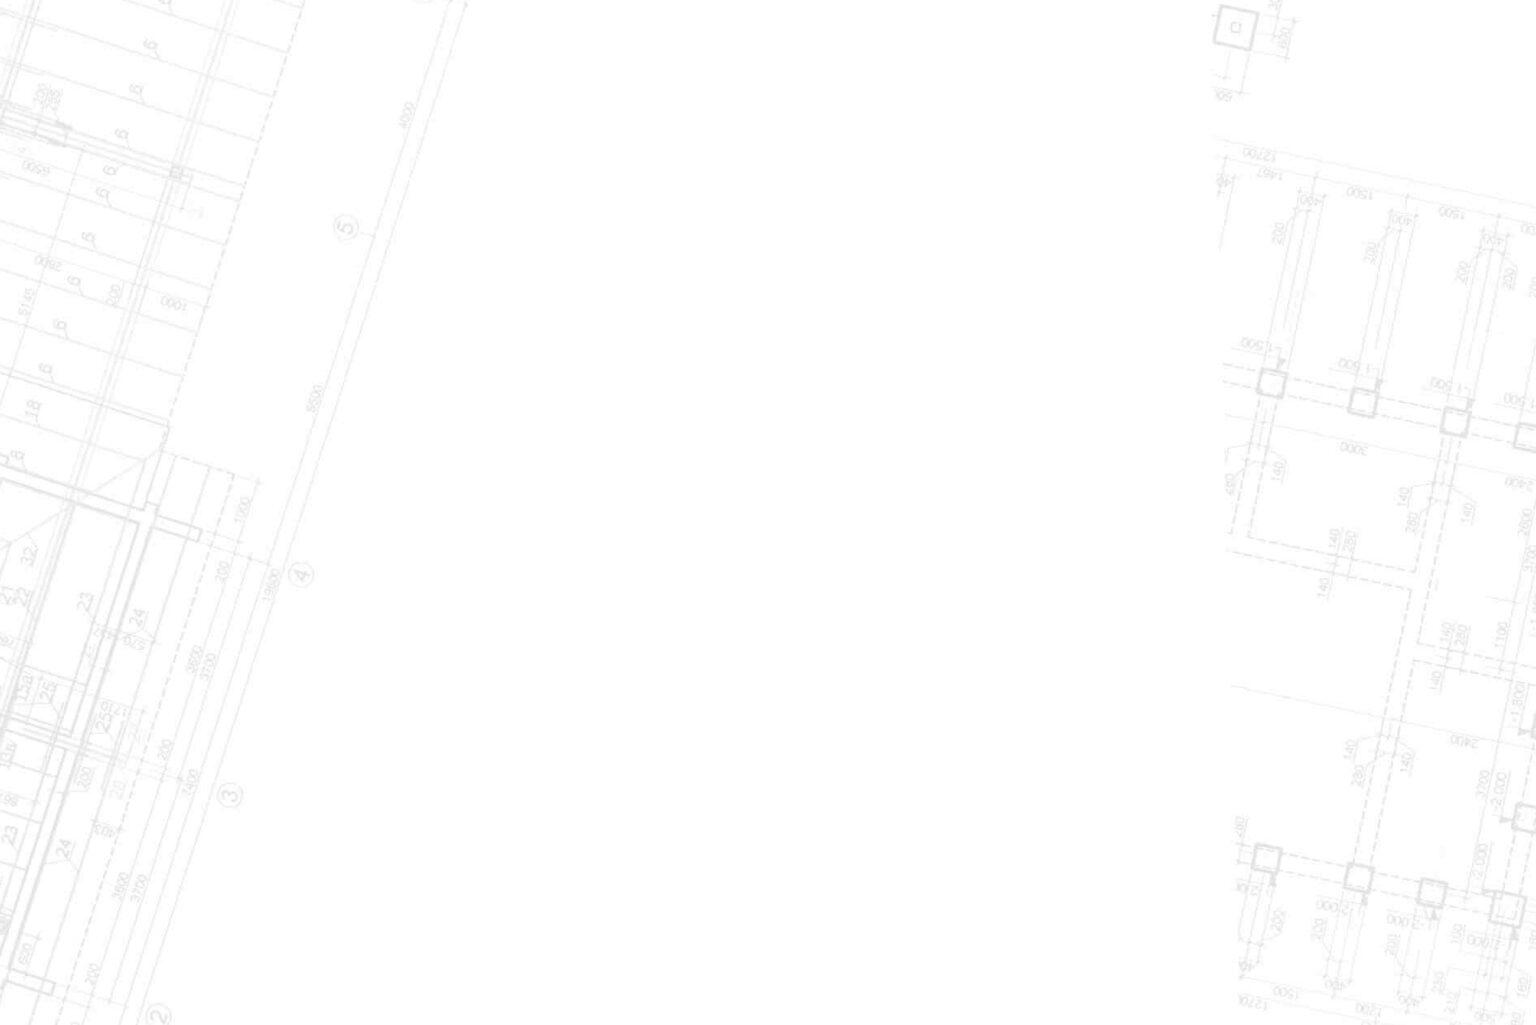 http://syga.es/wp-content/uploads/reimagina-tu-espacio-home-1536x1025.jpg